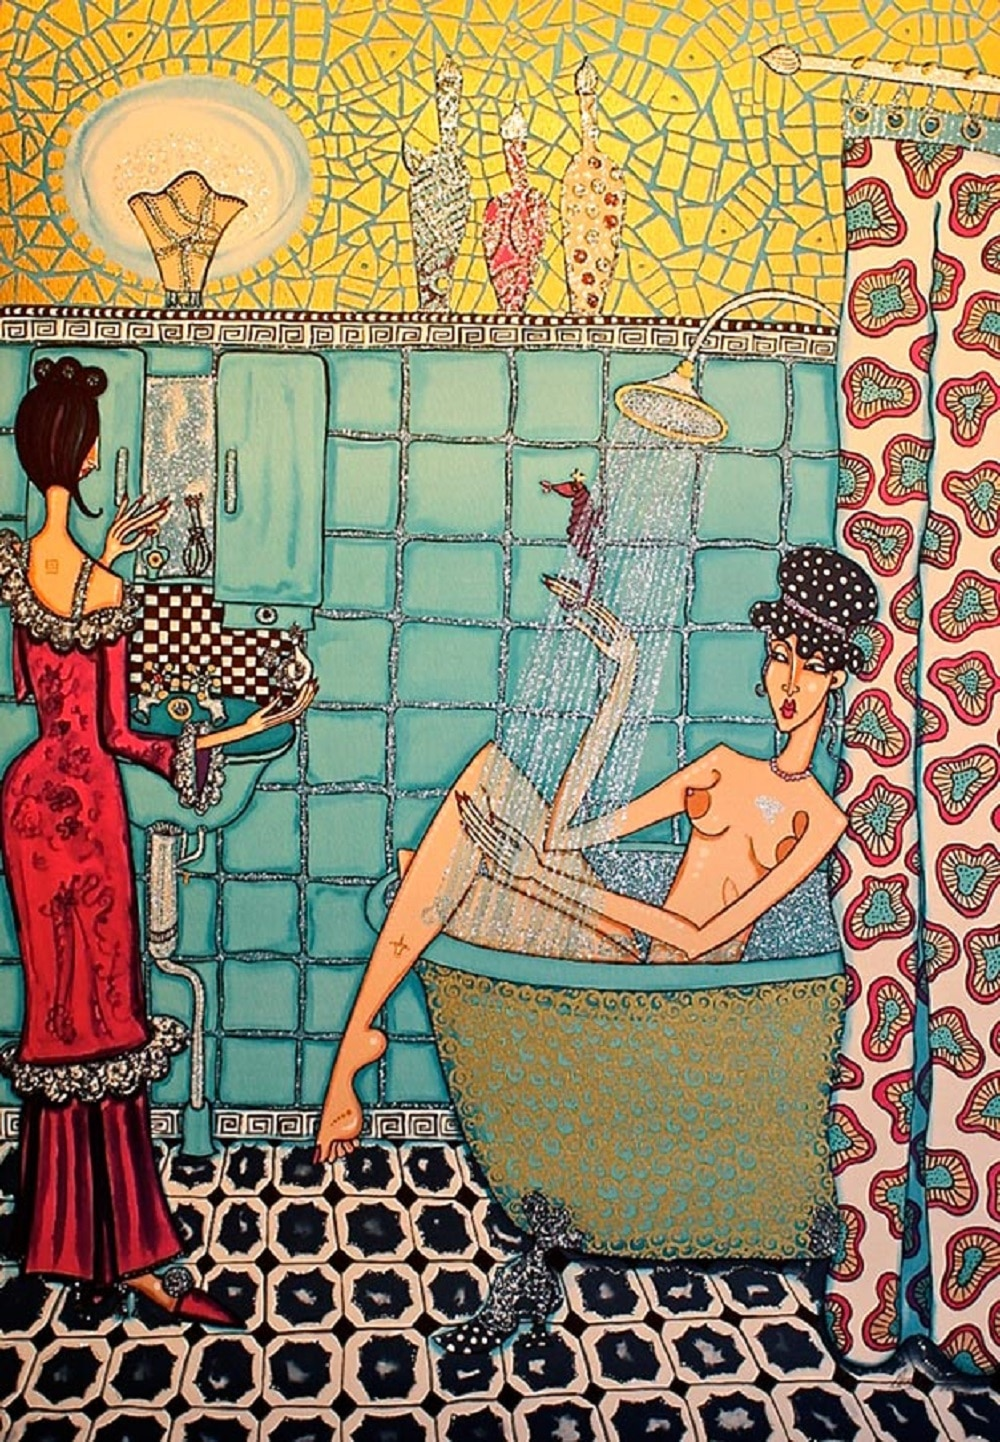 Angelica Wiik - Susanna i badet